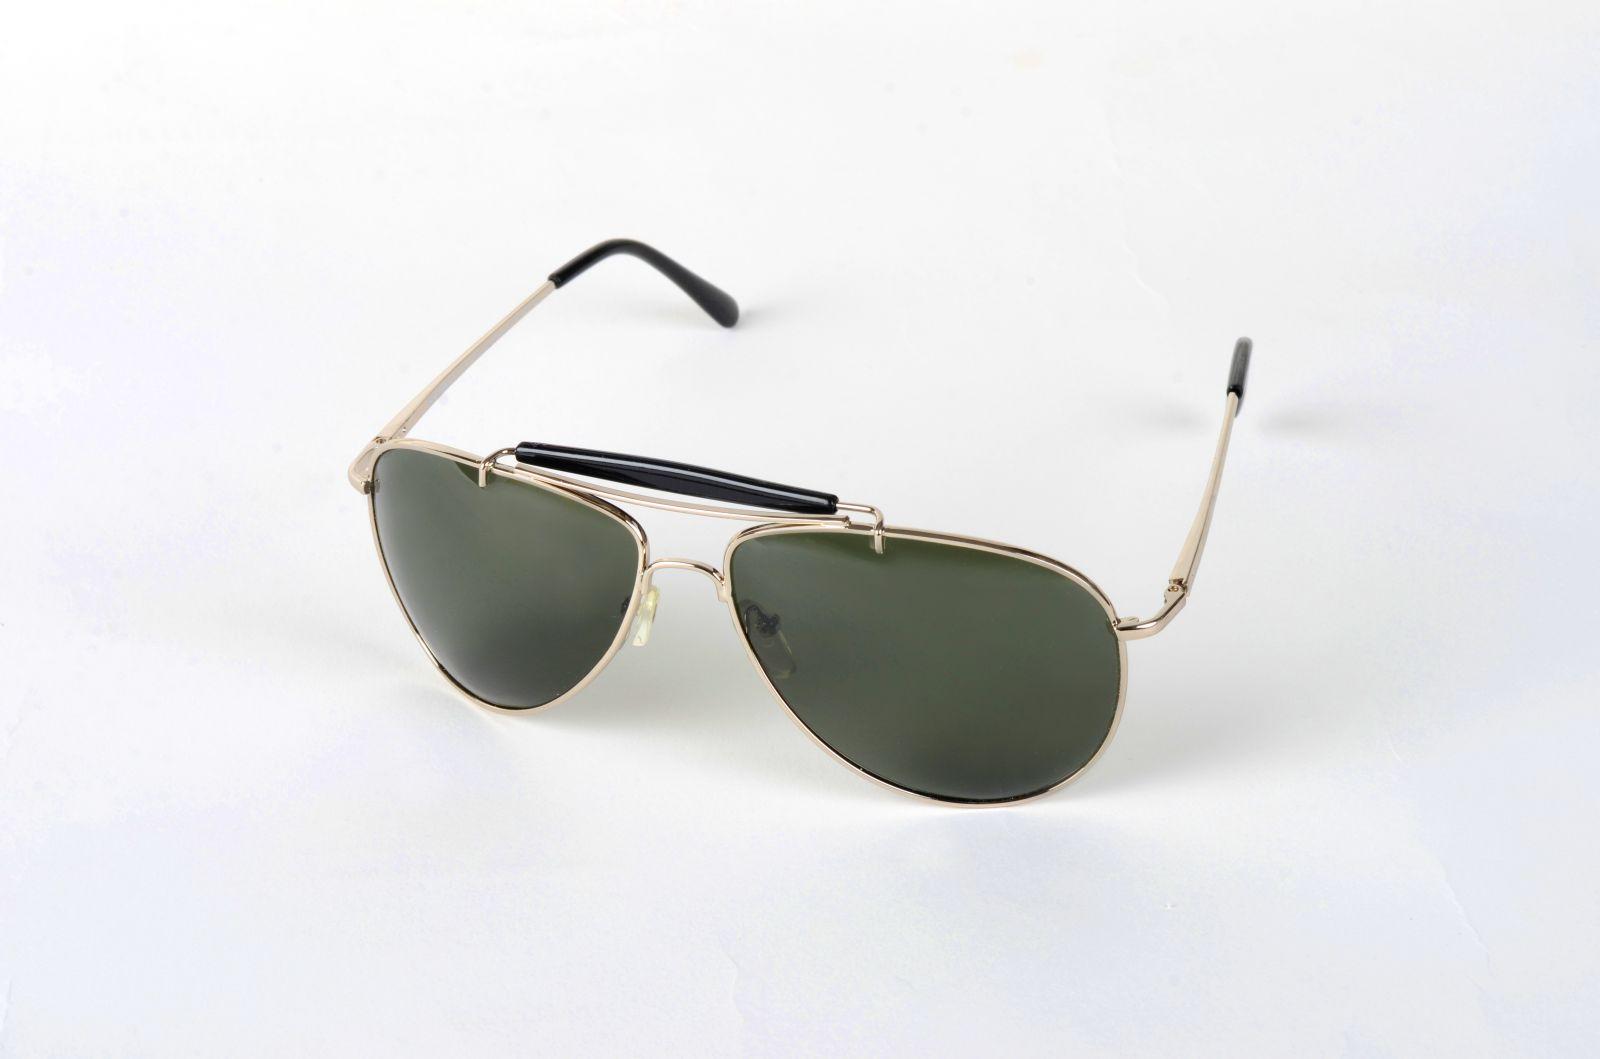 Polarizační brýle 3017 tmavozelené čočky Cat.3